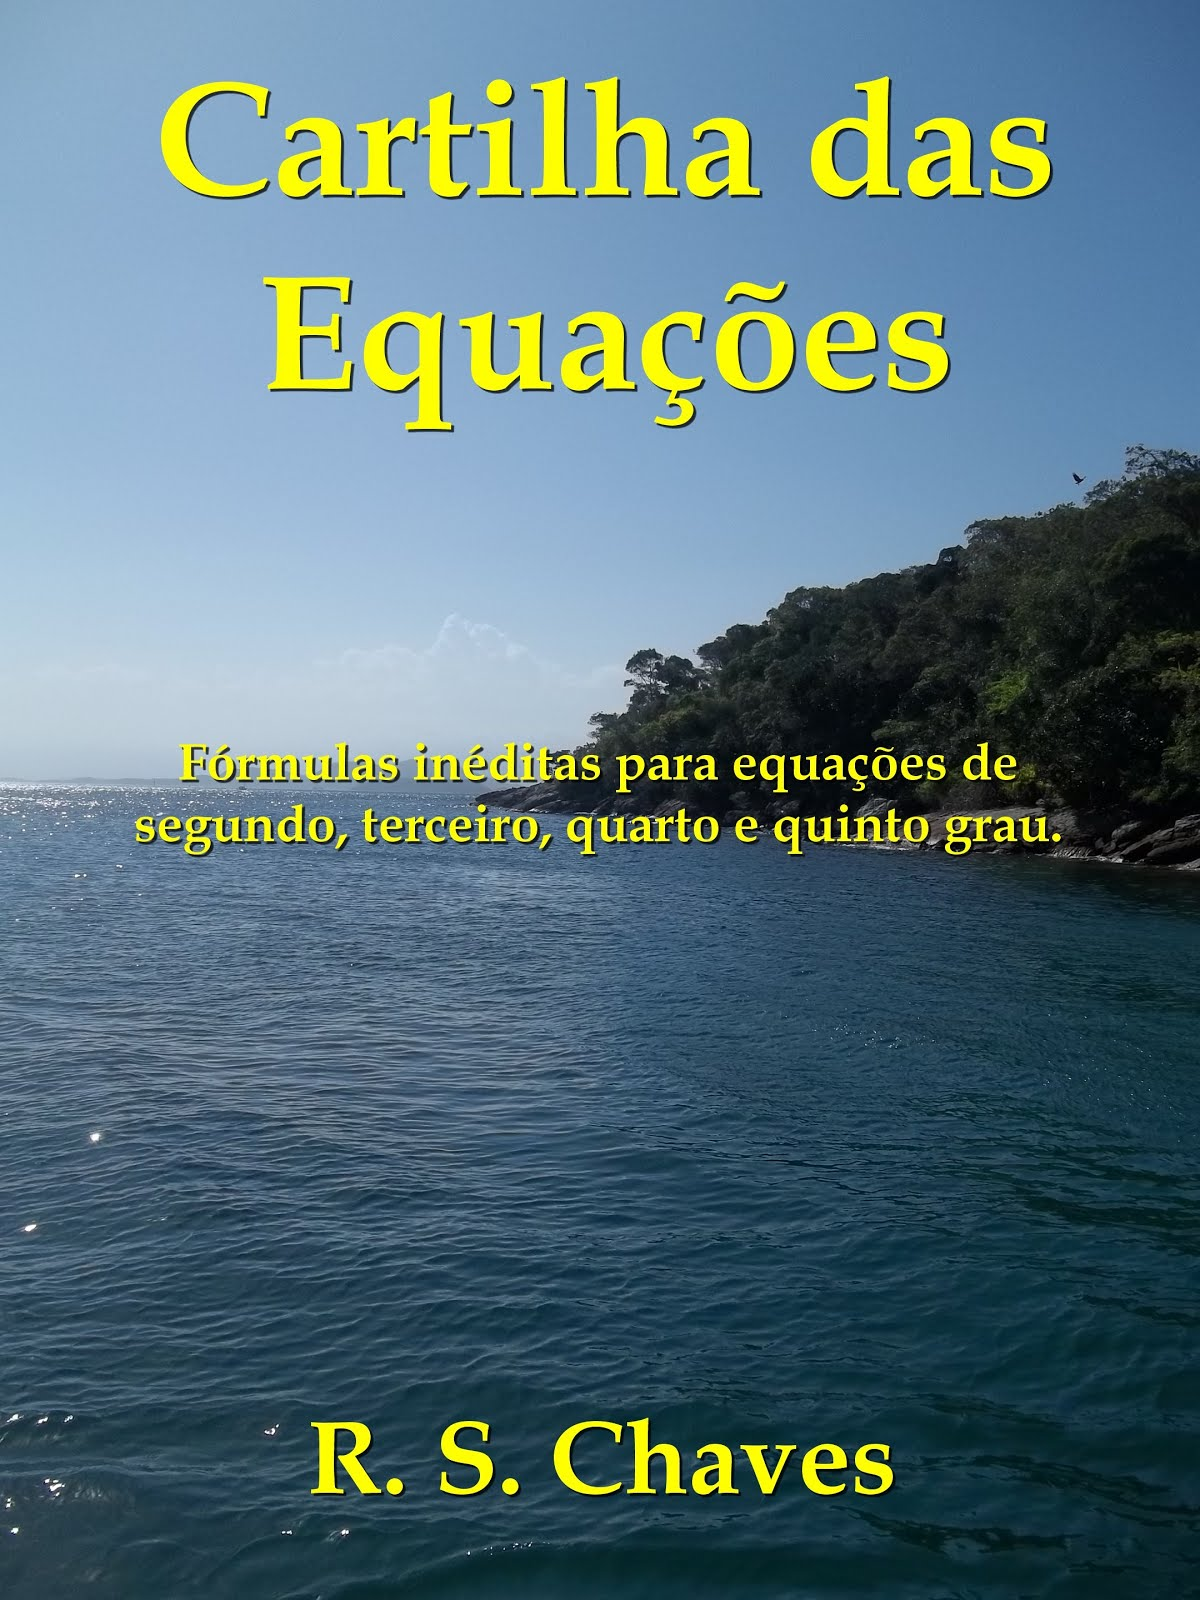 Fórmulas de R. S. Chaves